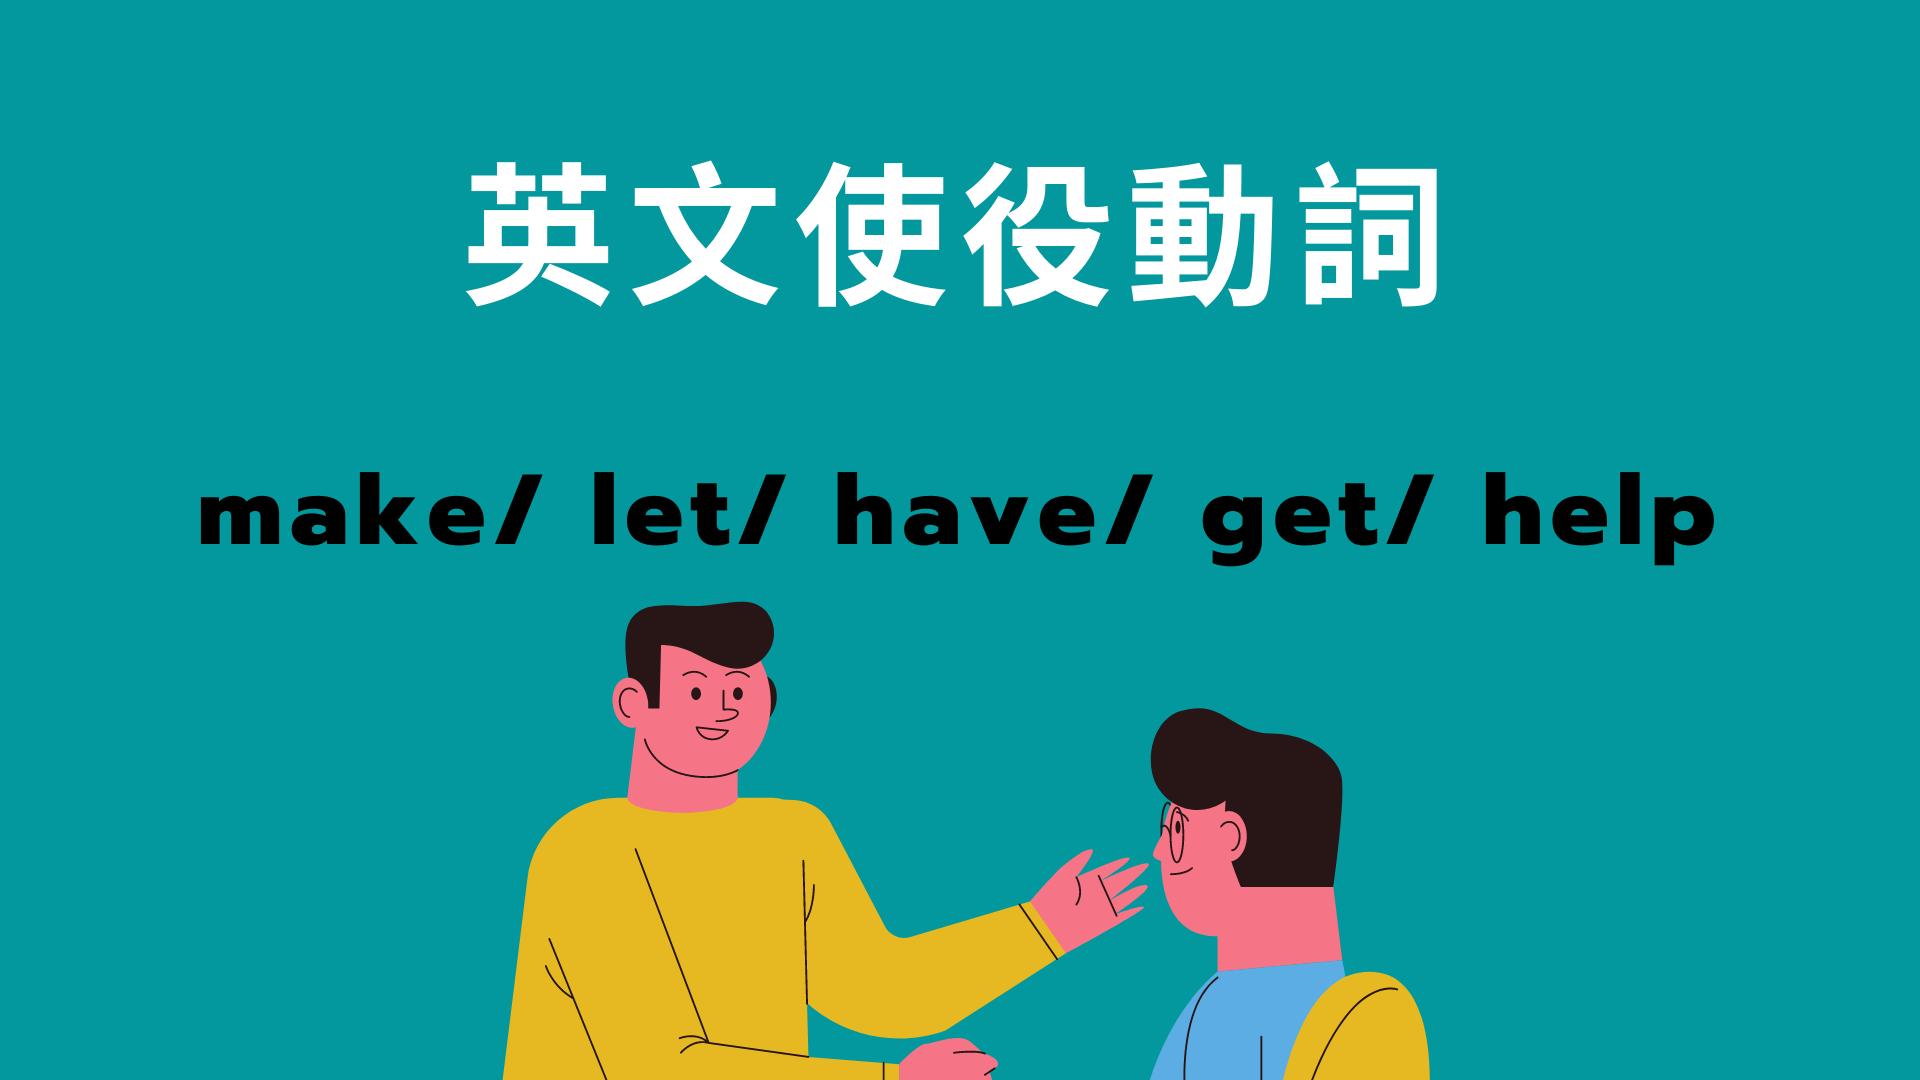 英文使役動詞 make/ let/ have/ get/ help 用法完整解說